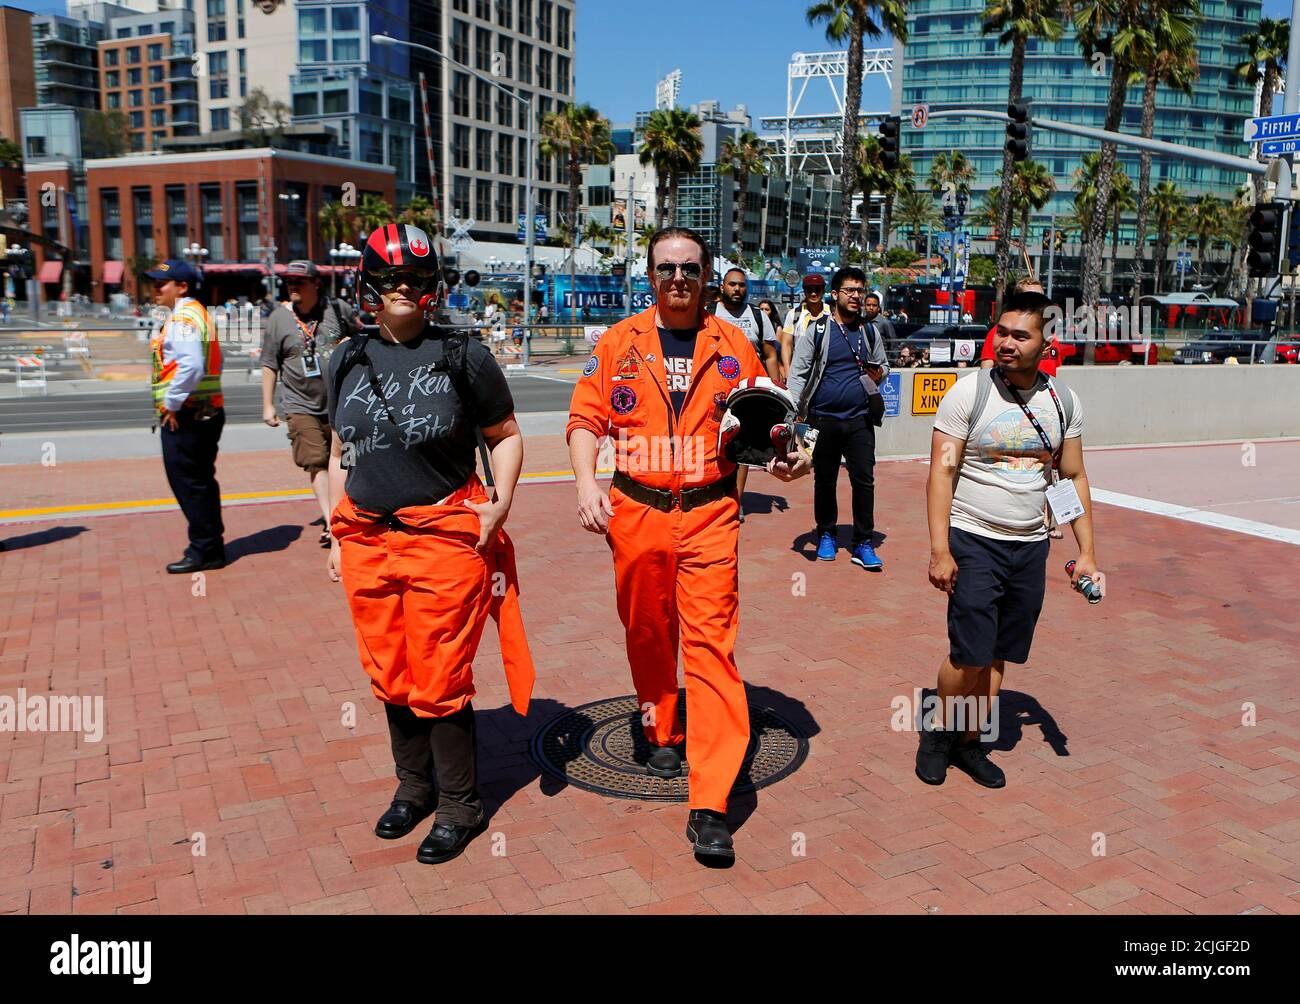 Die Teilnehmer sammeln für den Beginn der Comic-Con International in San Diego, Kalifornien, USA, 20. Juli 2016. REUTERS/Mike Blake Stockfoto